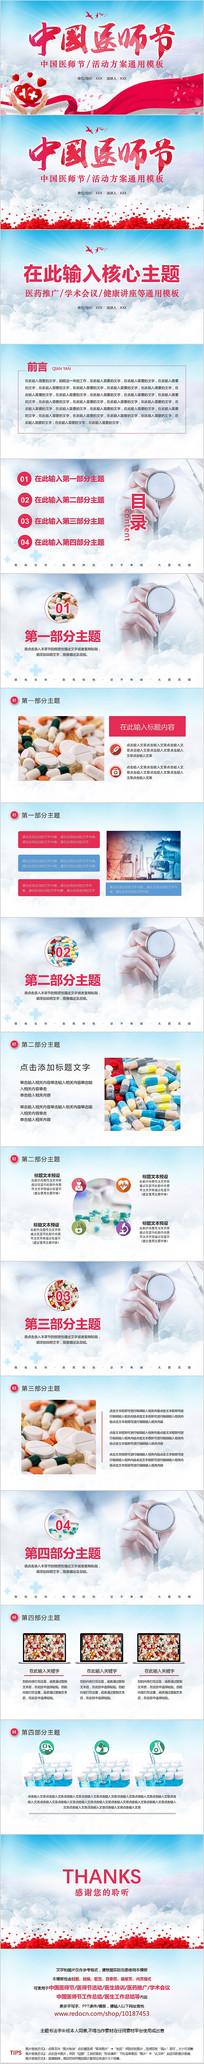 中国医师节医疗讲座学术会议PPT